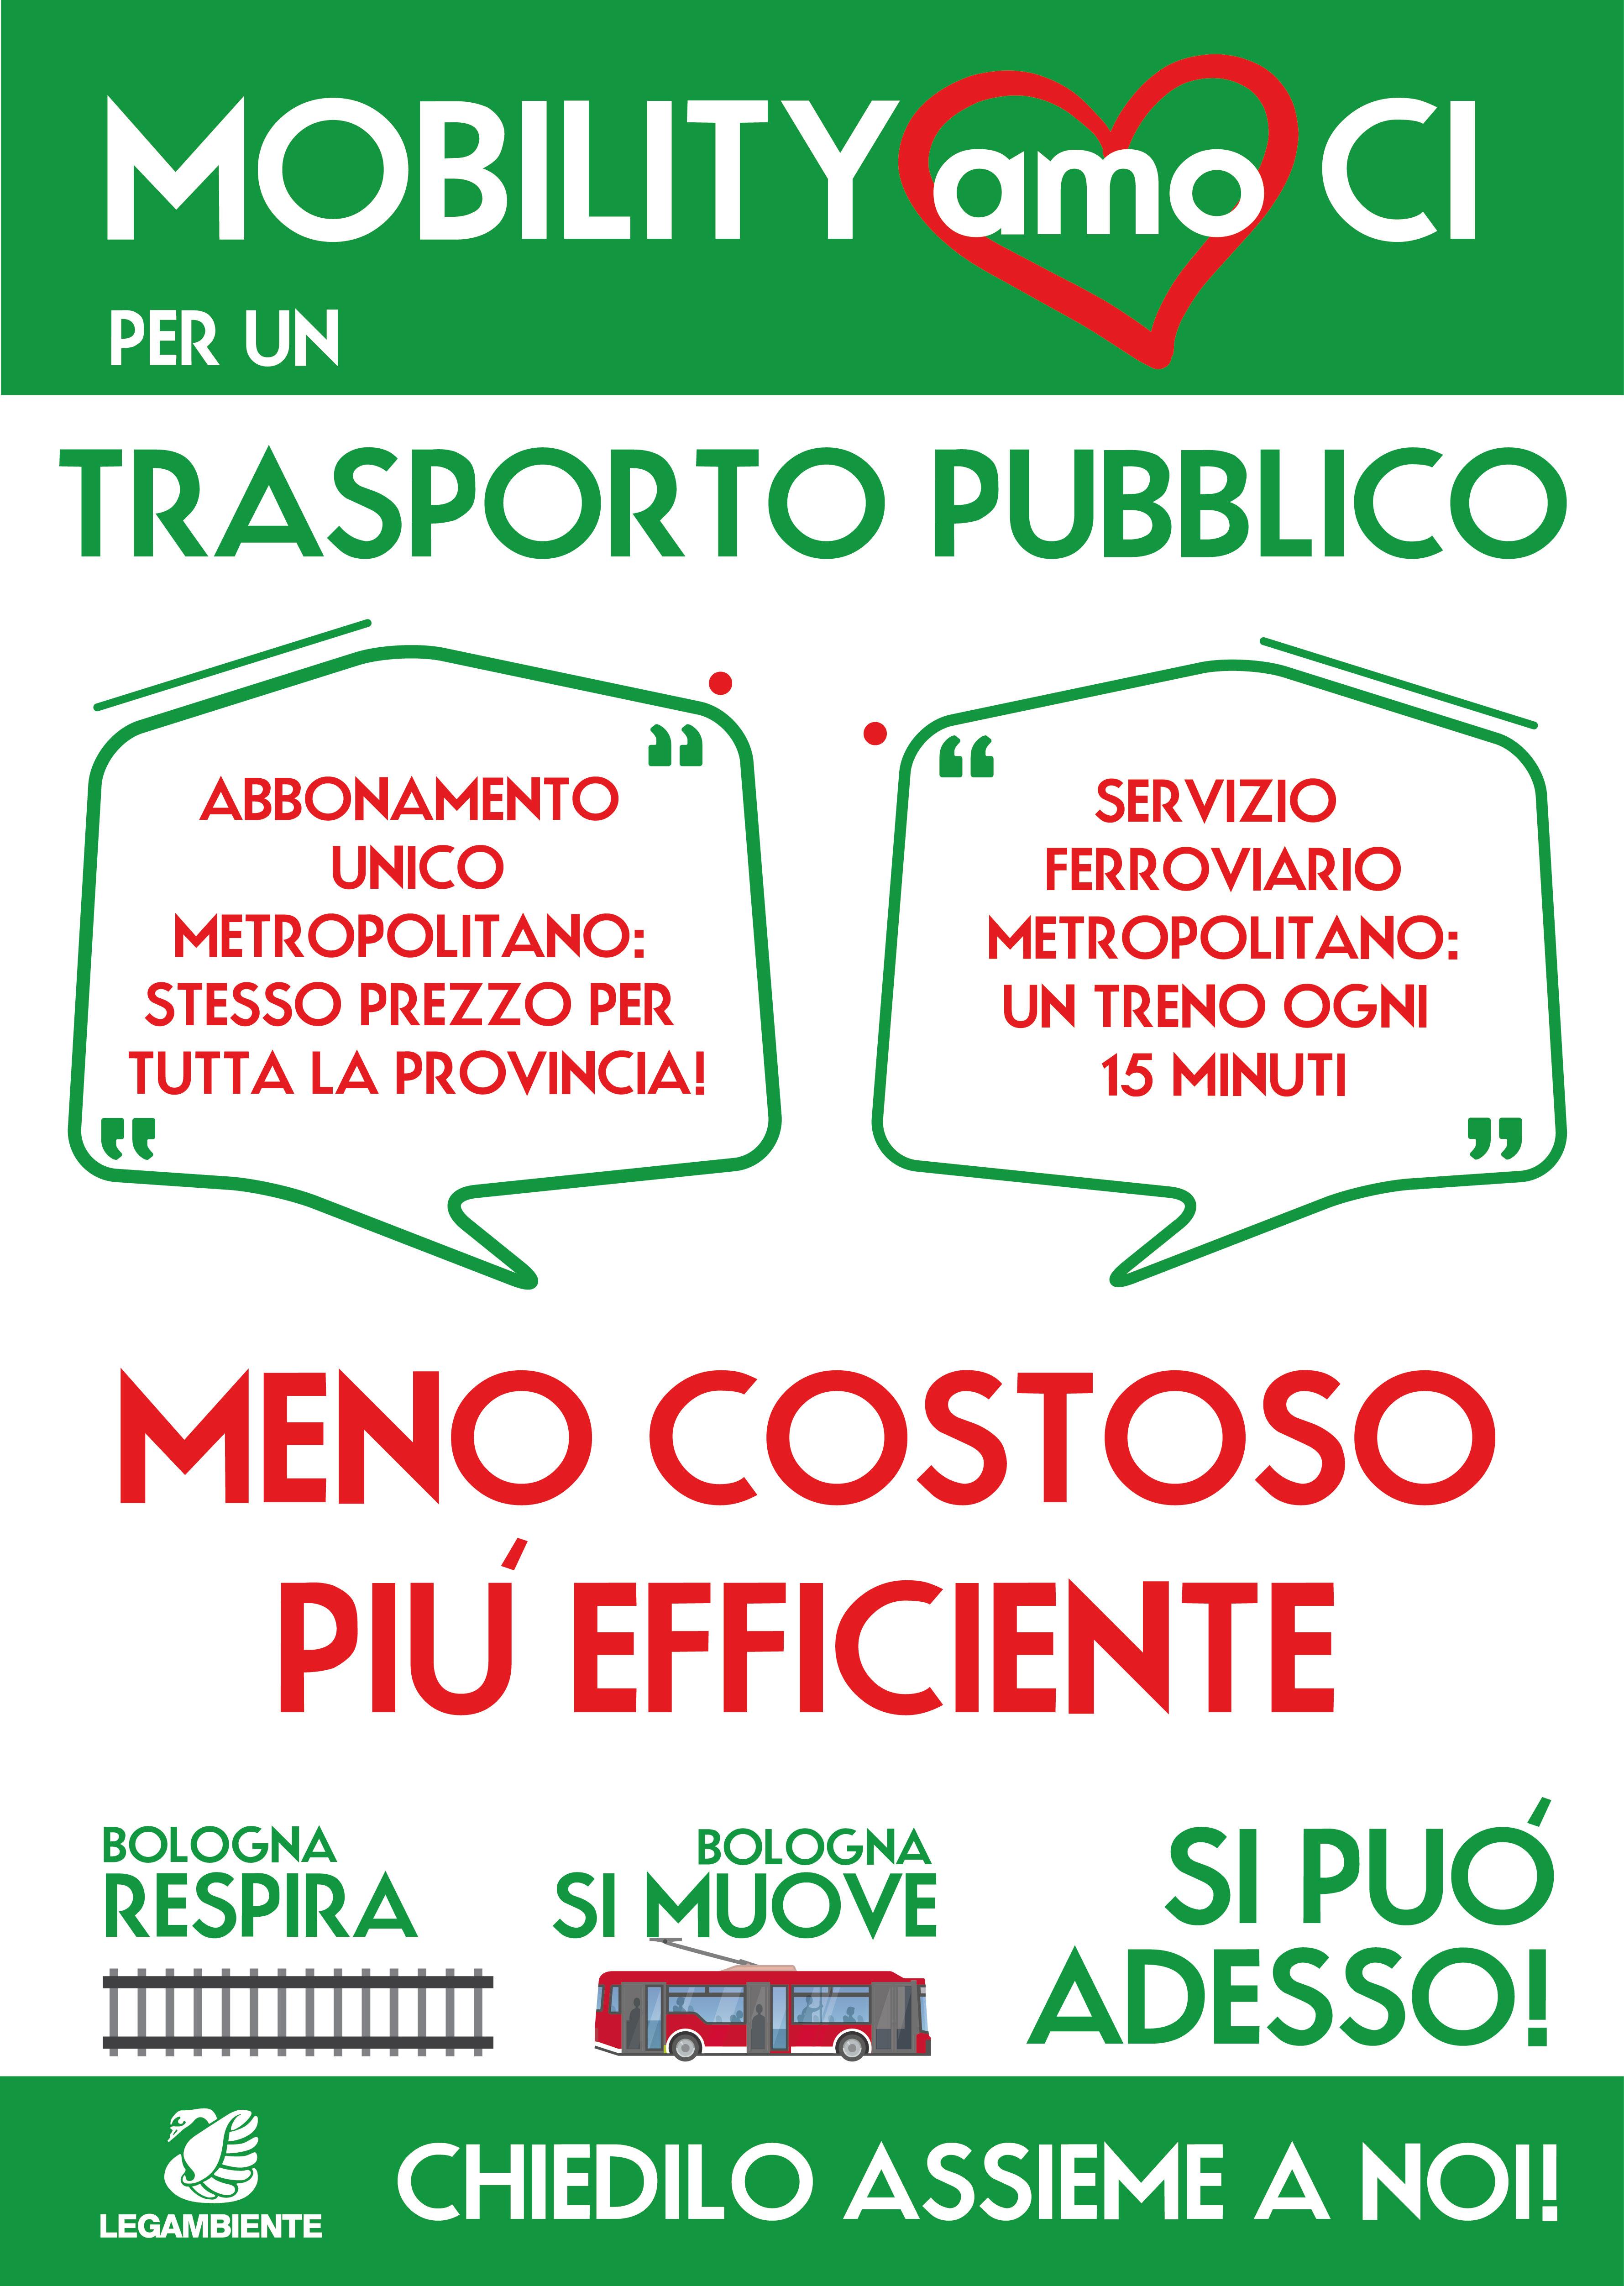 MobiltyAmoCi per un Trasporto Pubblico più efficiente e meno costoso. Si può, adesso!